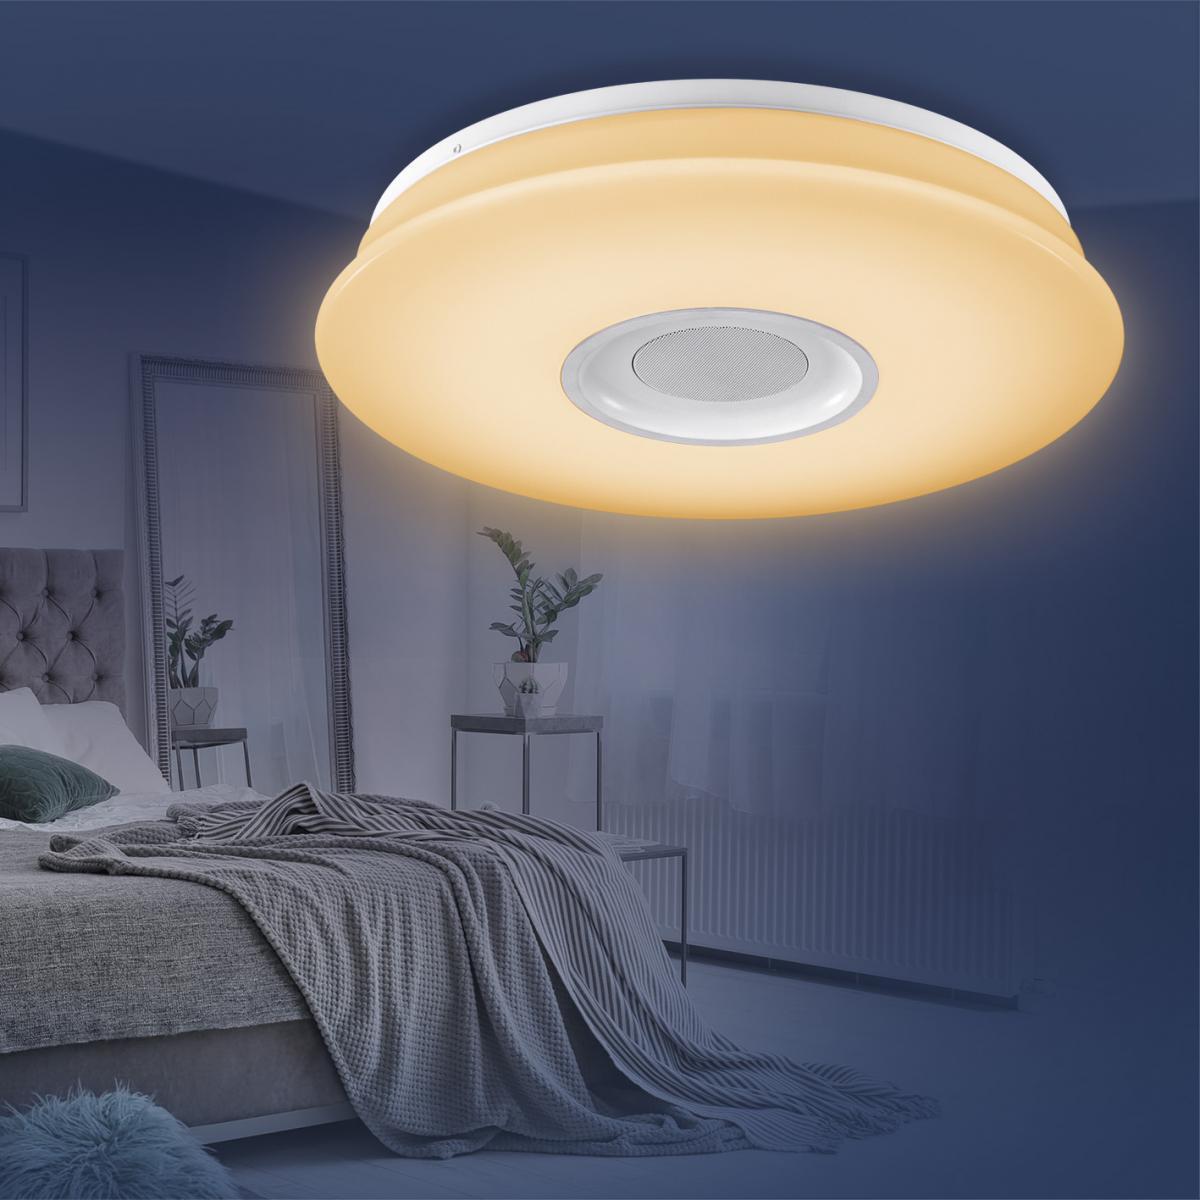 Bild 1 von EASYmaxx LED-Deckenleuchte 18W weiß mit Bluetooth-Lautsprecher & Fernb.